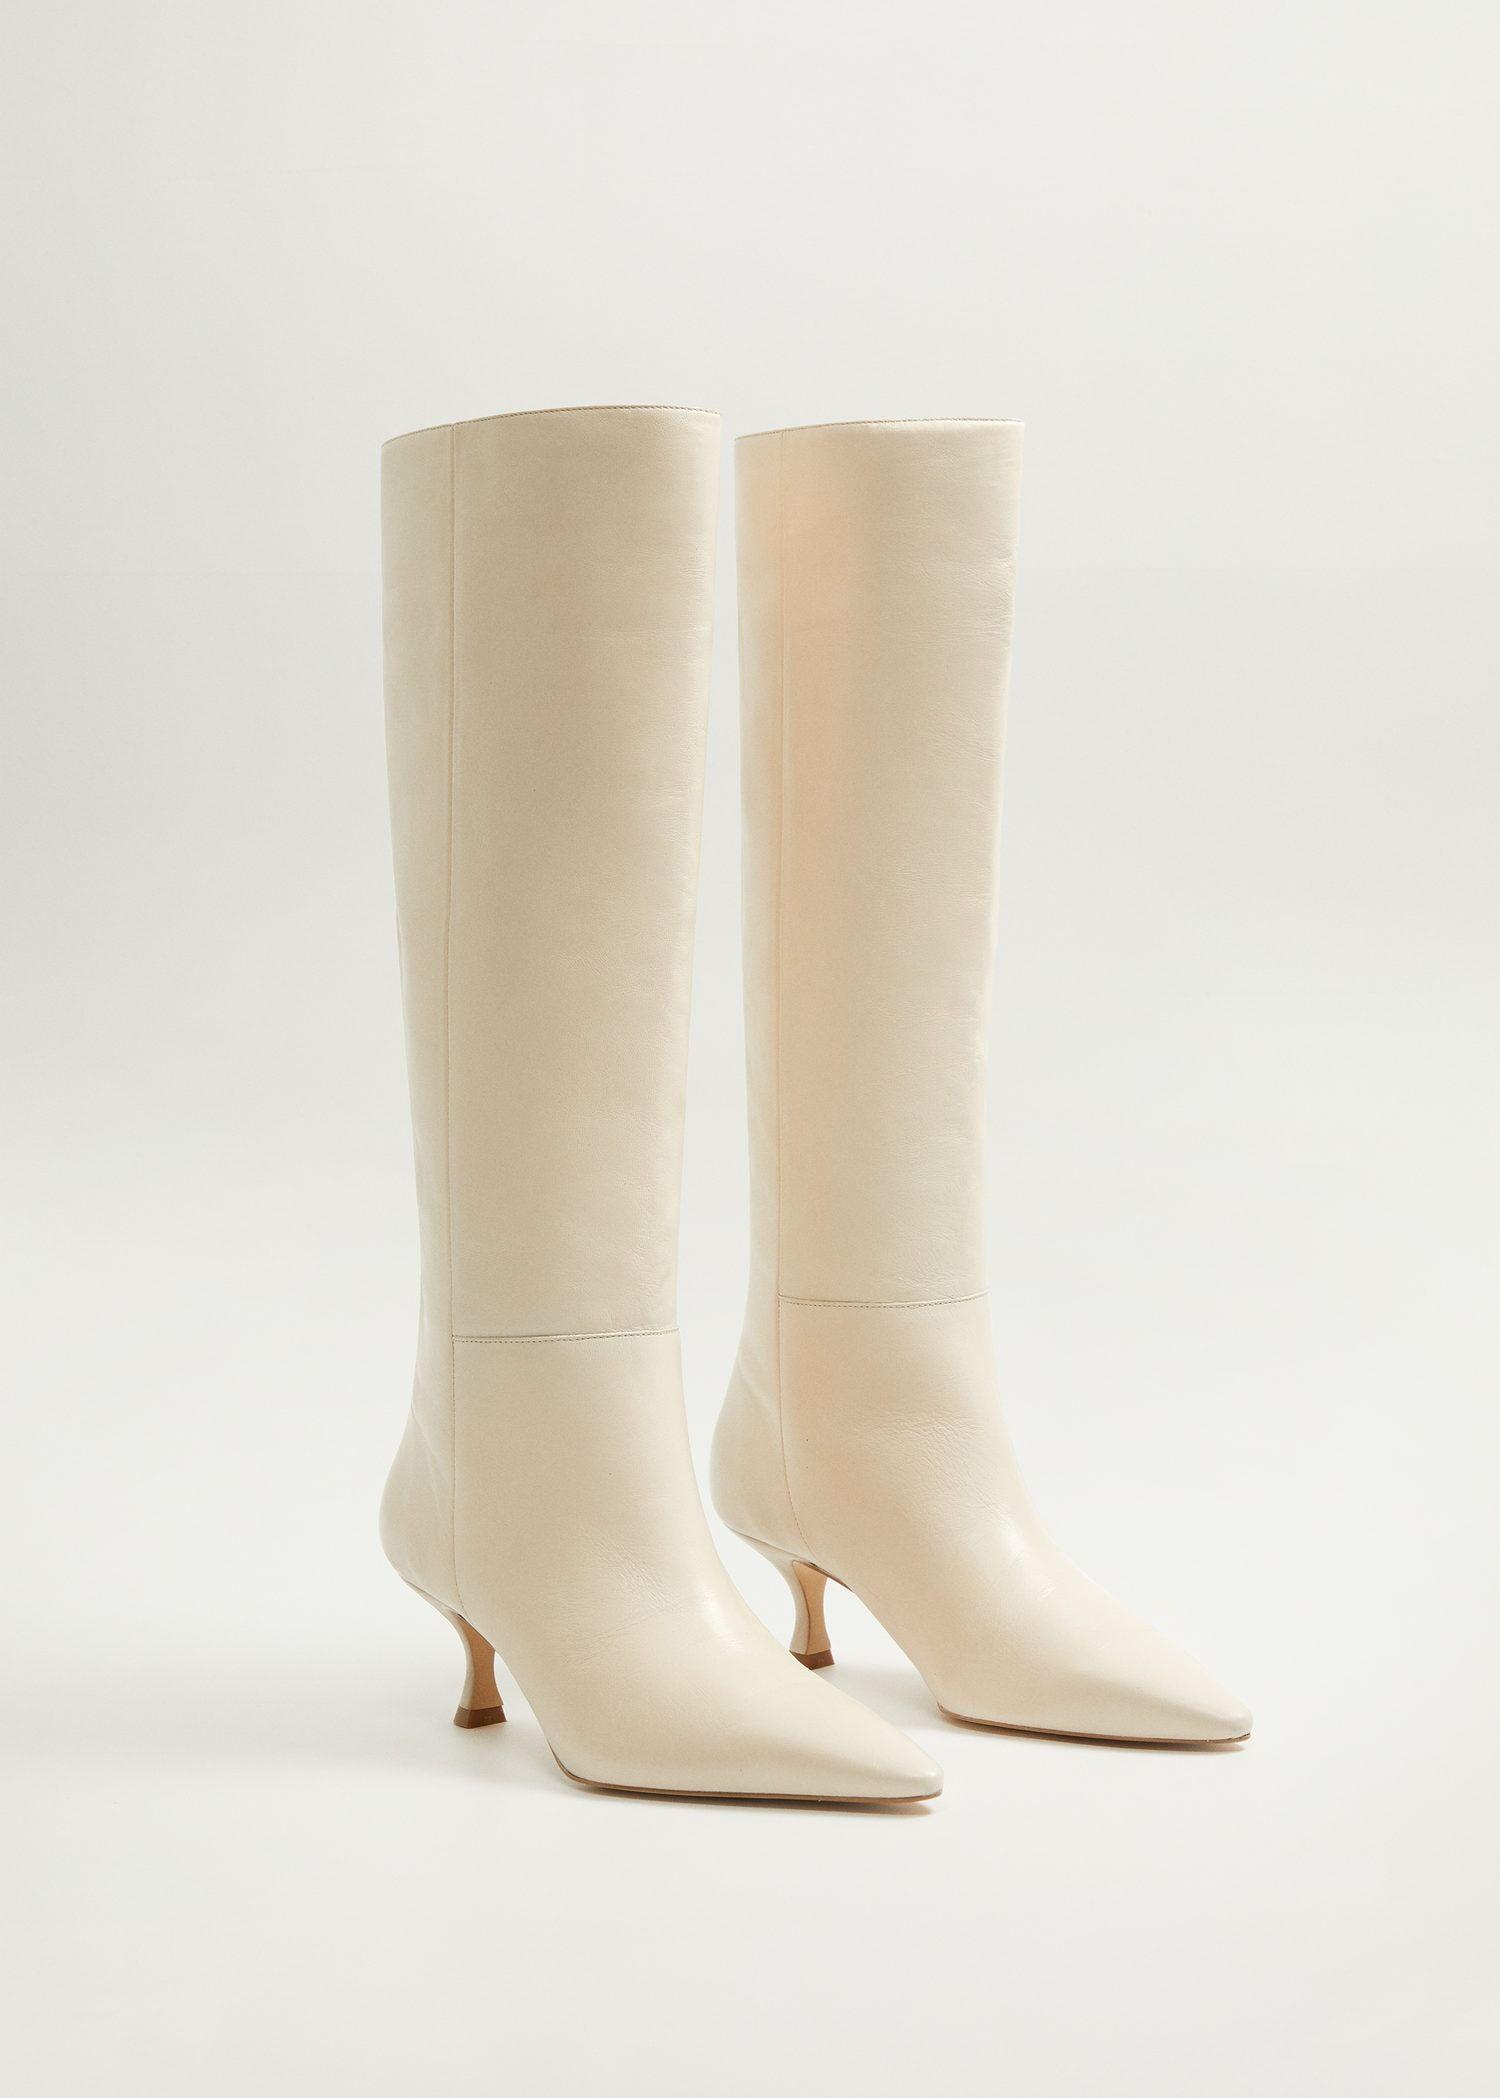 Botas blancas de tendencia con cordones, cowboy y altas